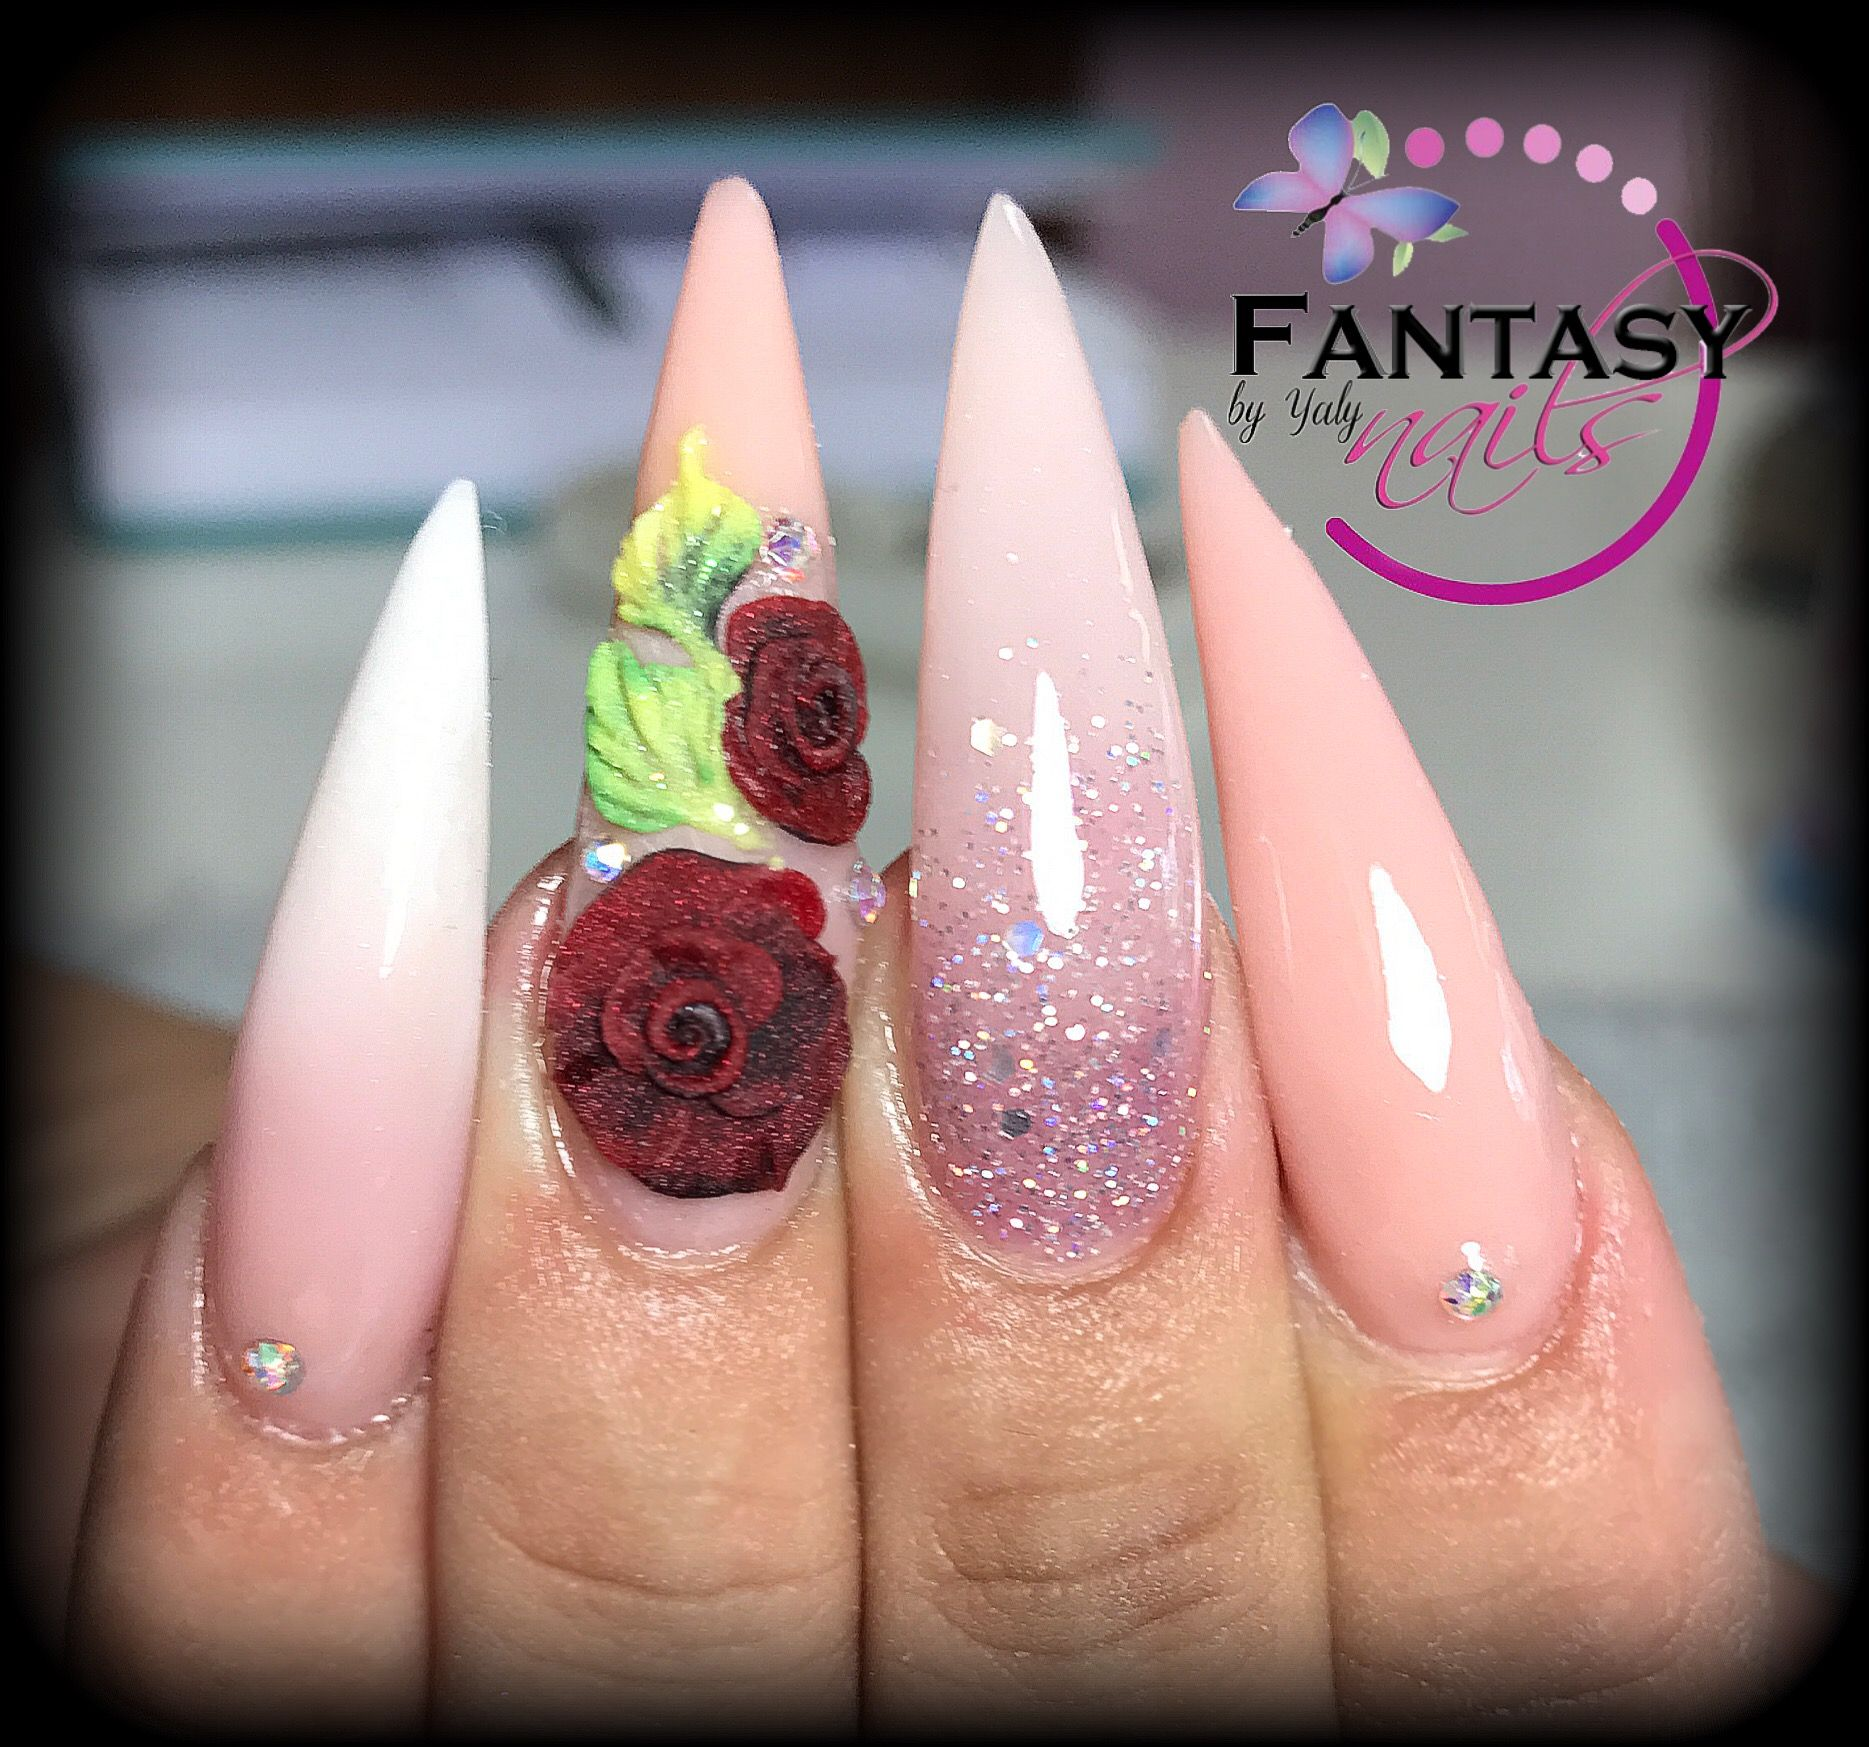 Pin by Fantasy Nails & Supply on FANTASY NAILS   Pinterest   3d ...